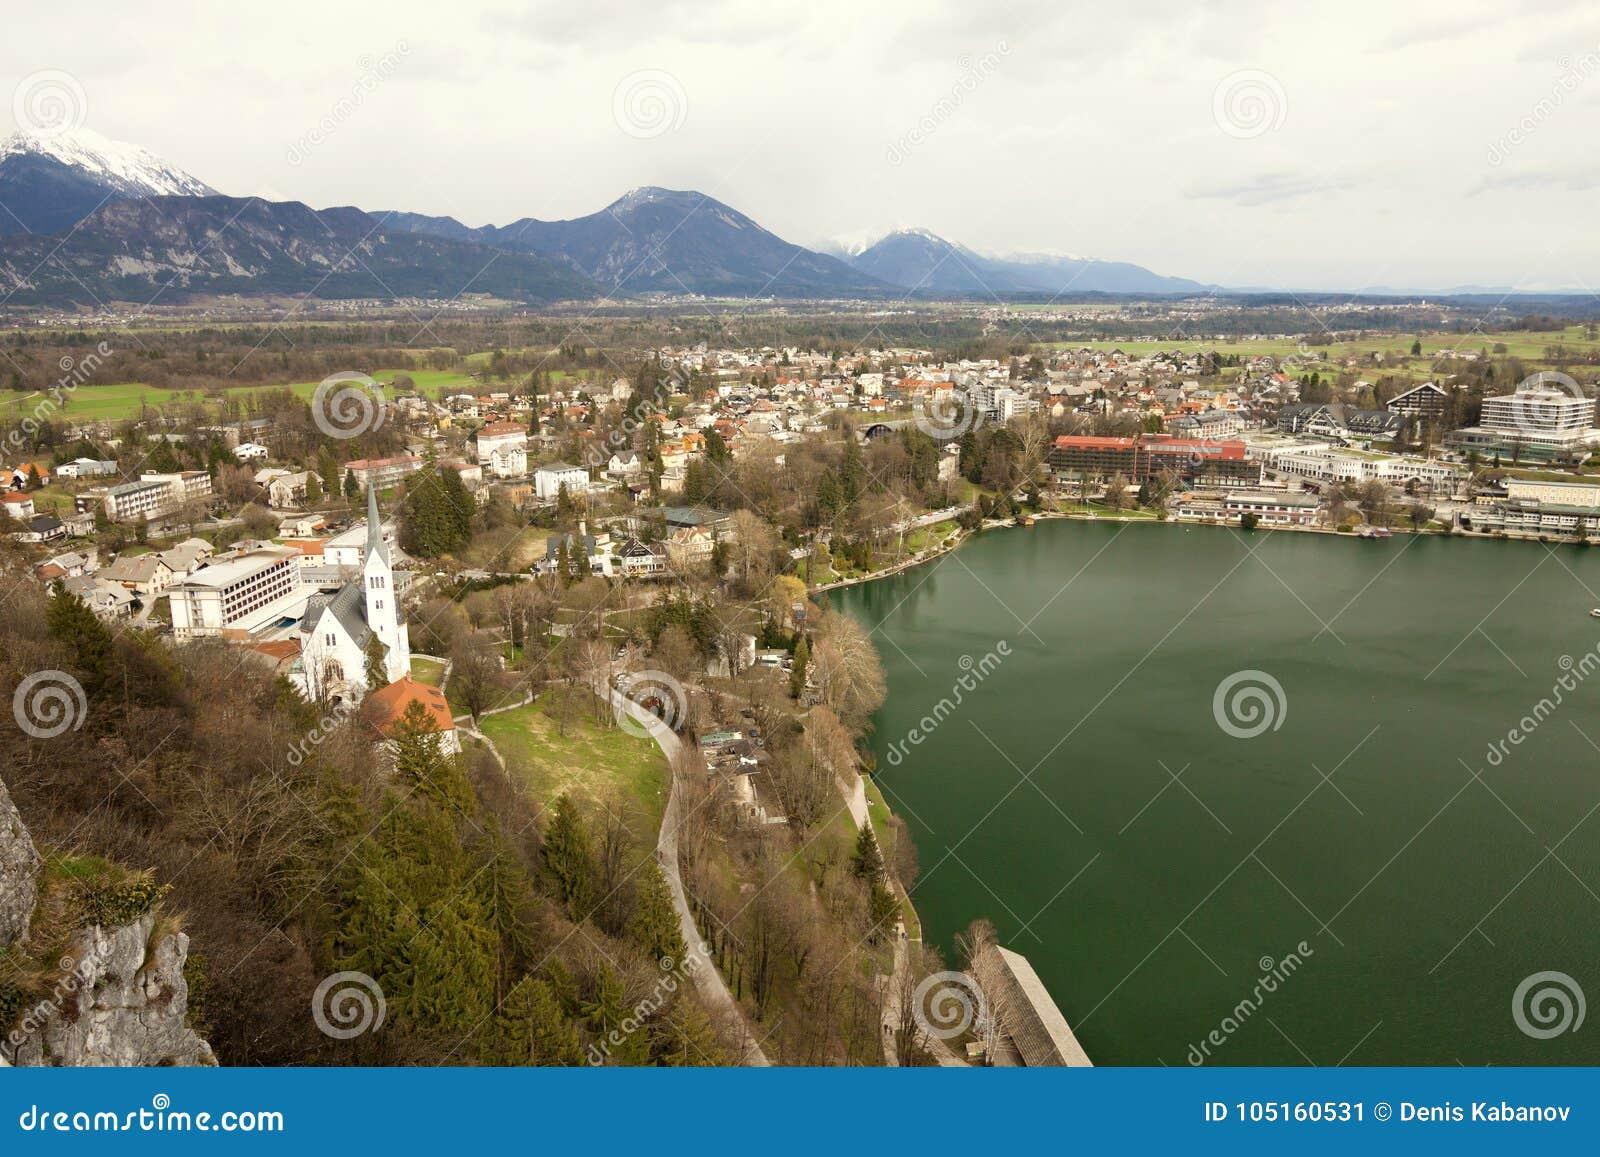 Кровоточенная Словения - - вид с воздуха курорта, поселения и lak Bled